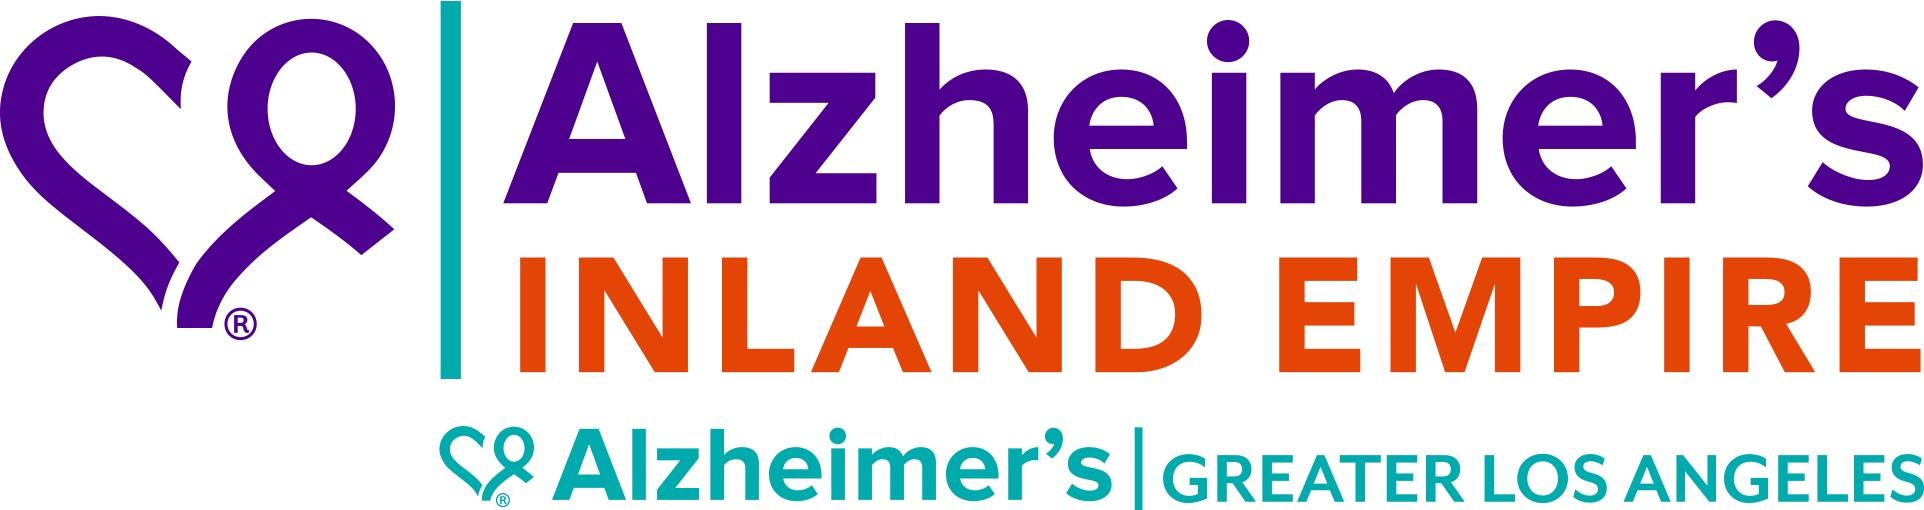 Alzheimer's Inland Empire